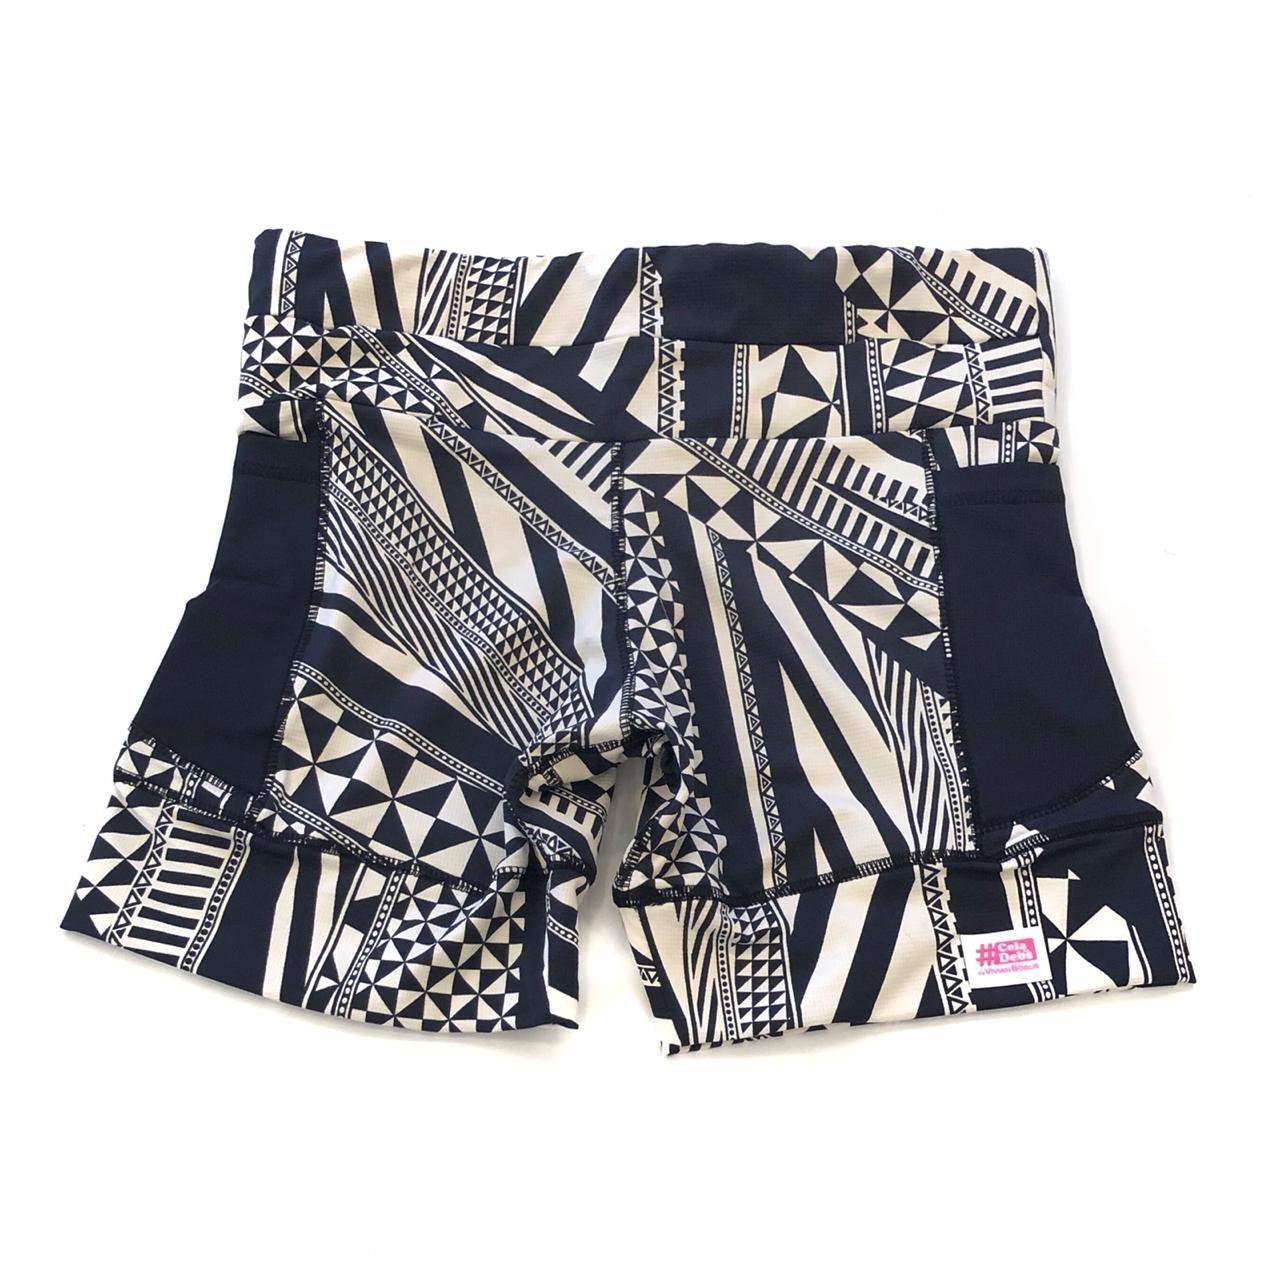 Shorts de compressão 1500 bolsos em compress estampado com bolsos pretos  - Vivian Bógus